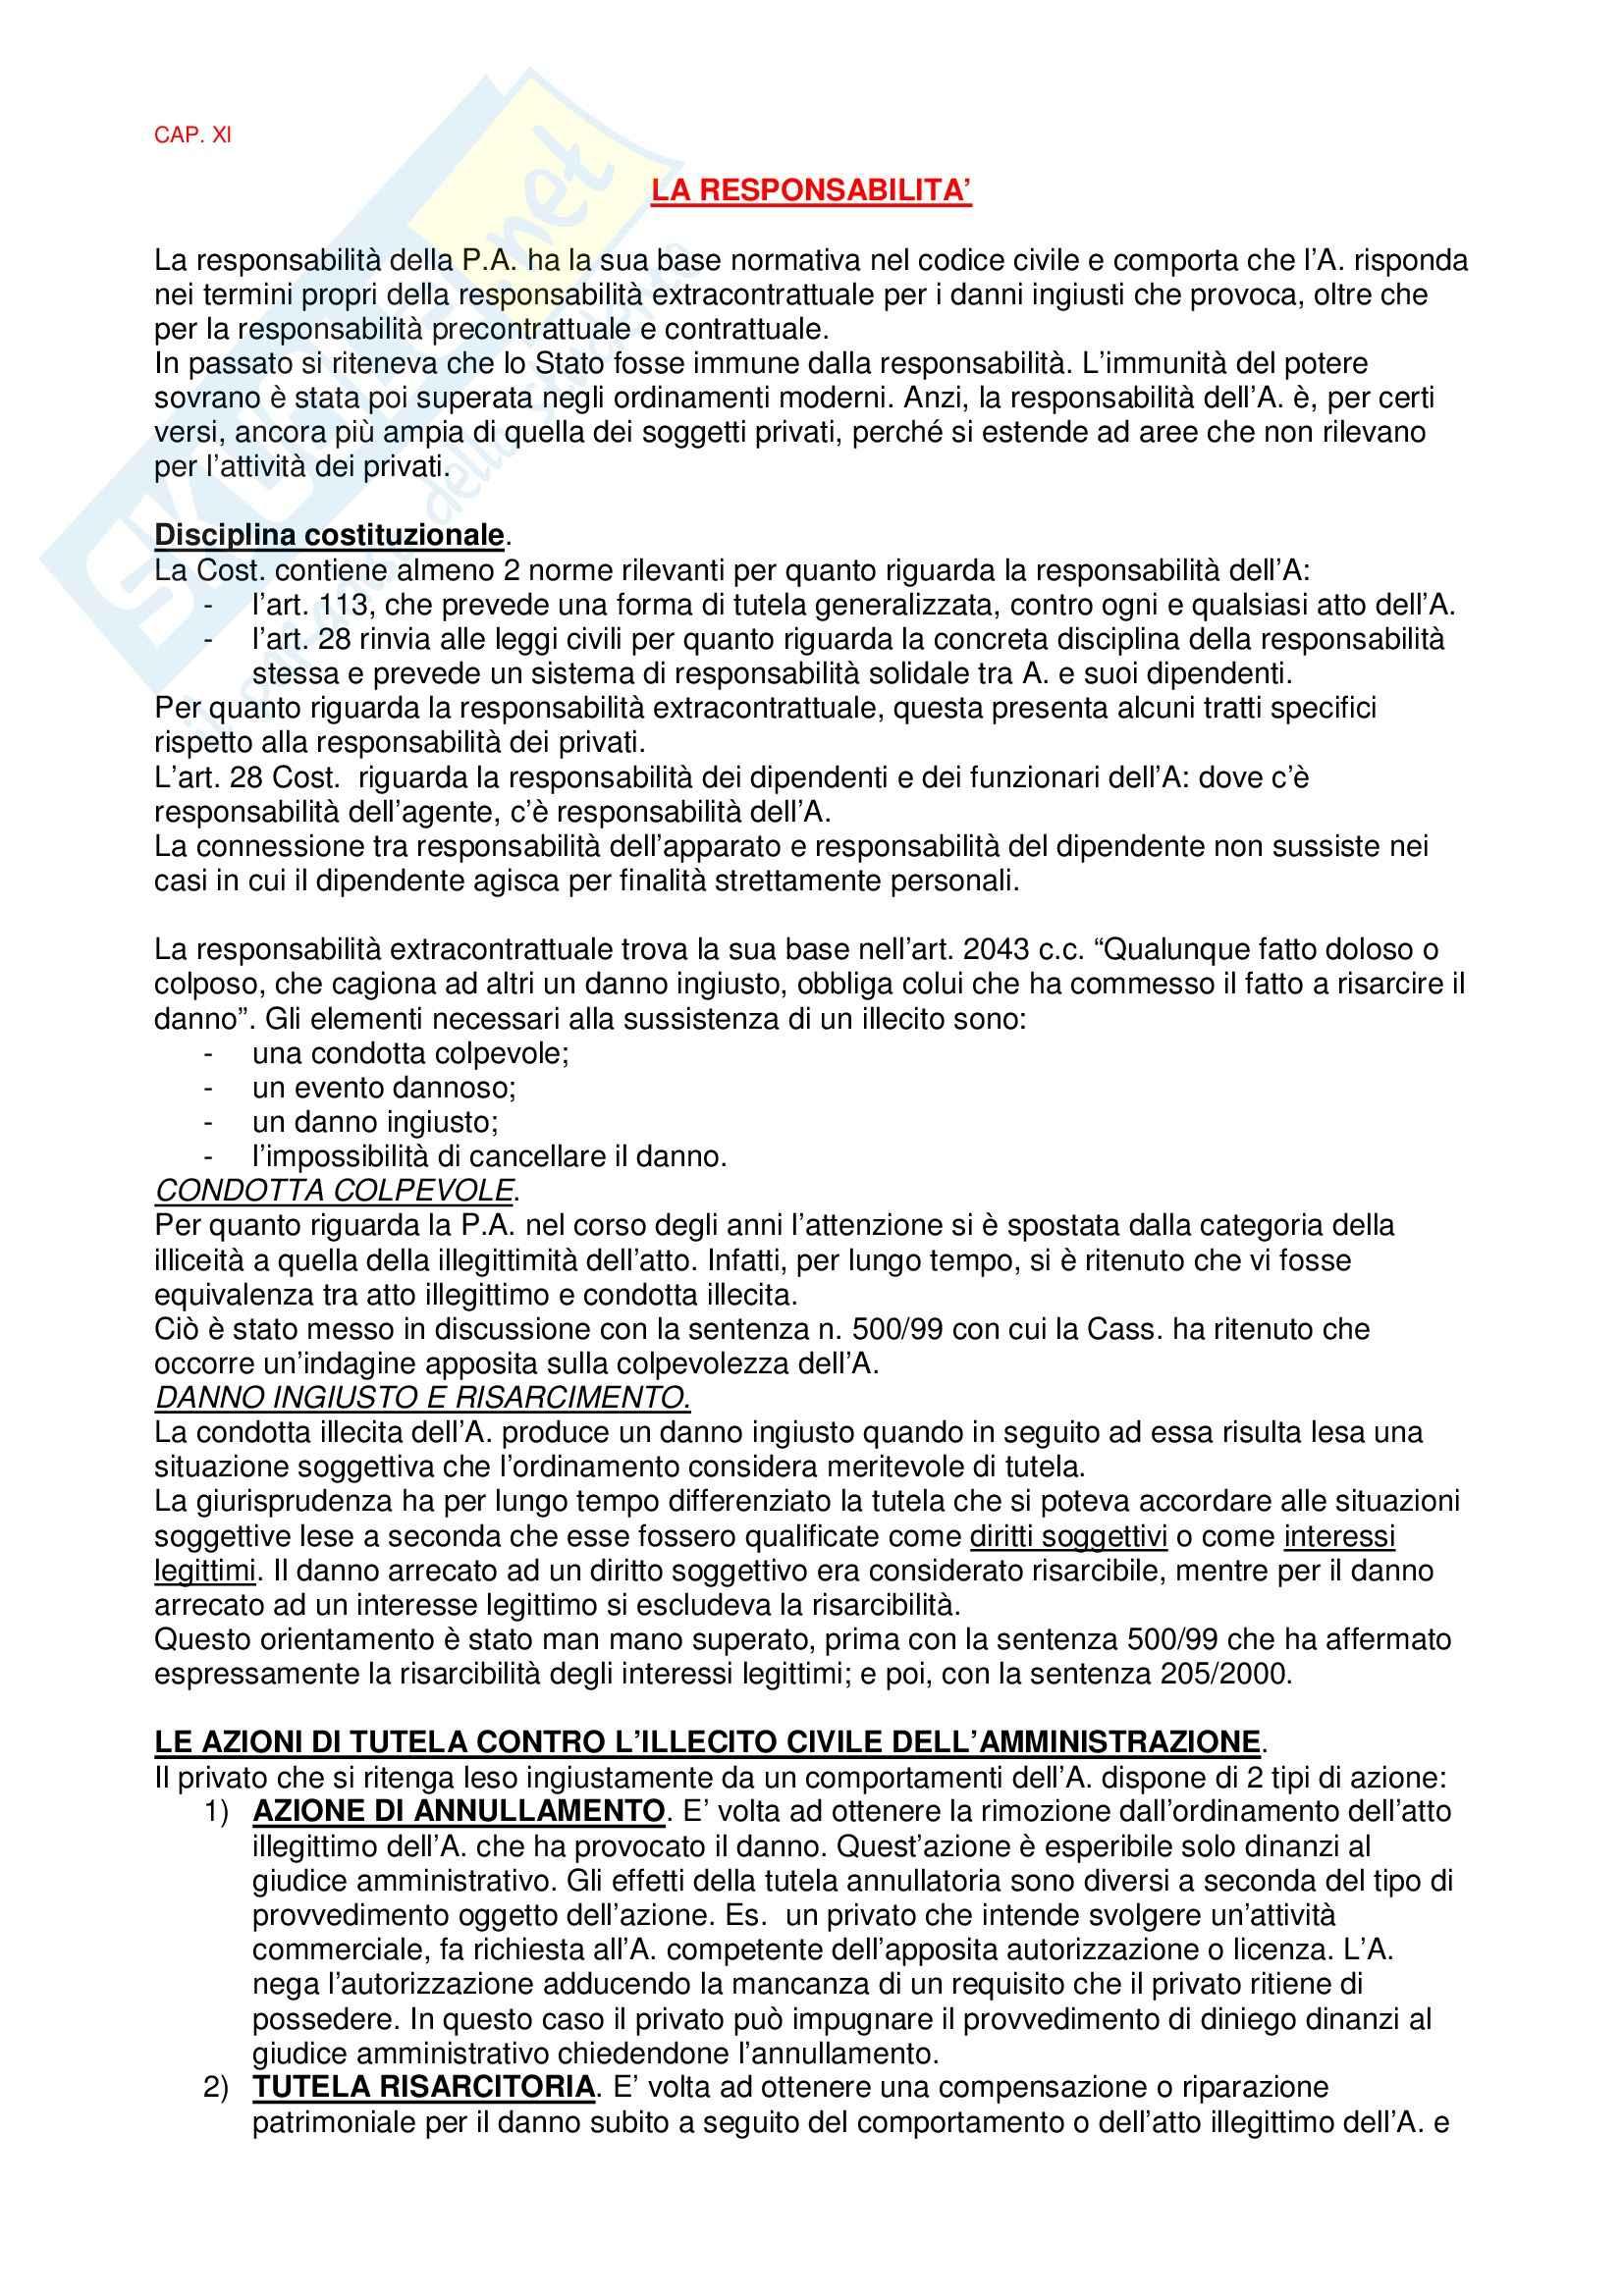 Diritto amministrativo - la responsabilità amministrativa